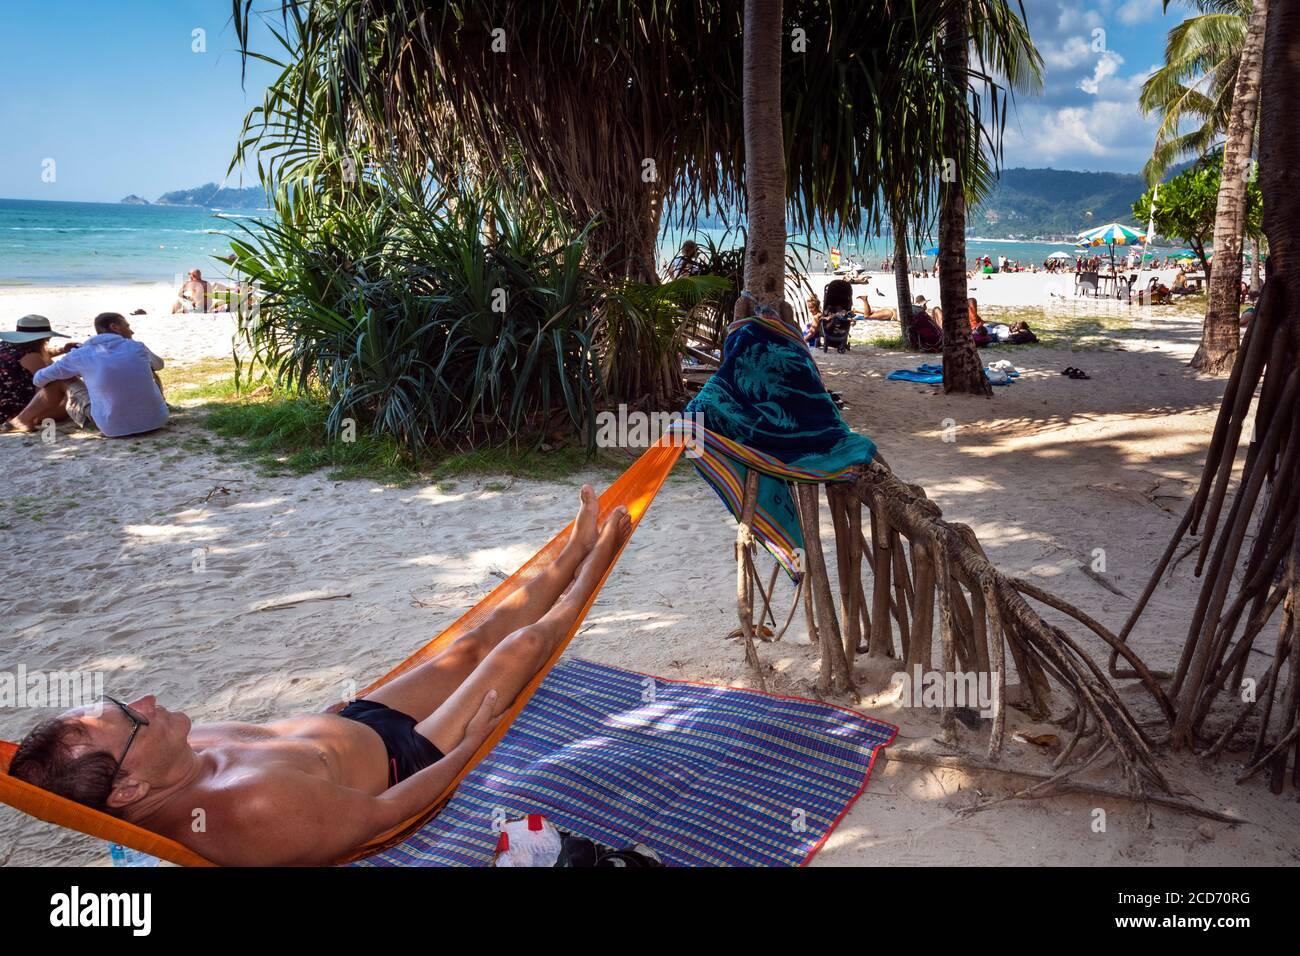 Tourist relaxen in einer Hängematte am Strand von Patong, Phuket, Thailand Stockfoto